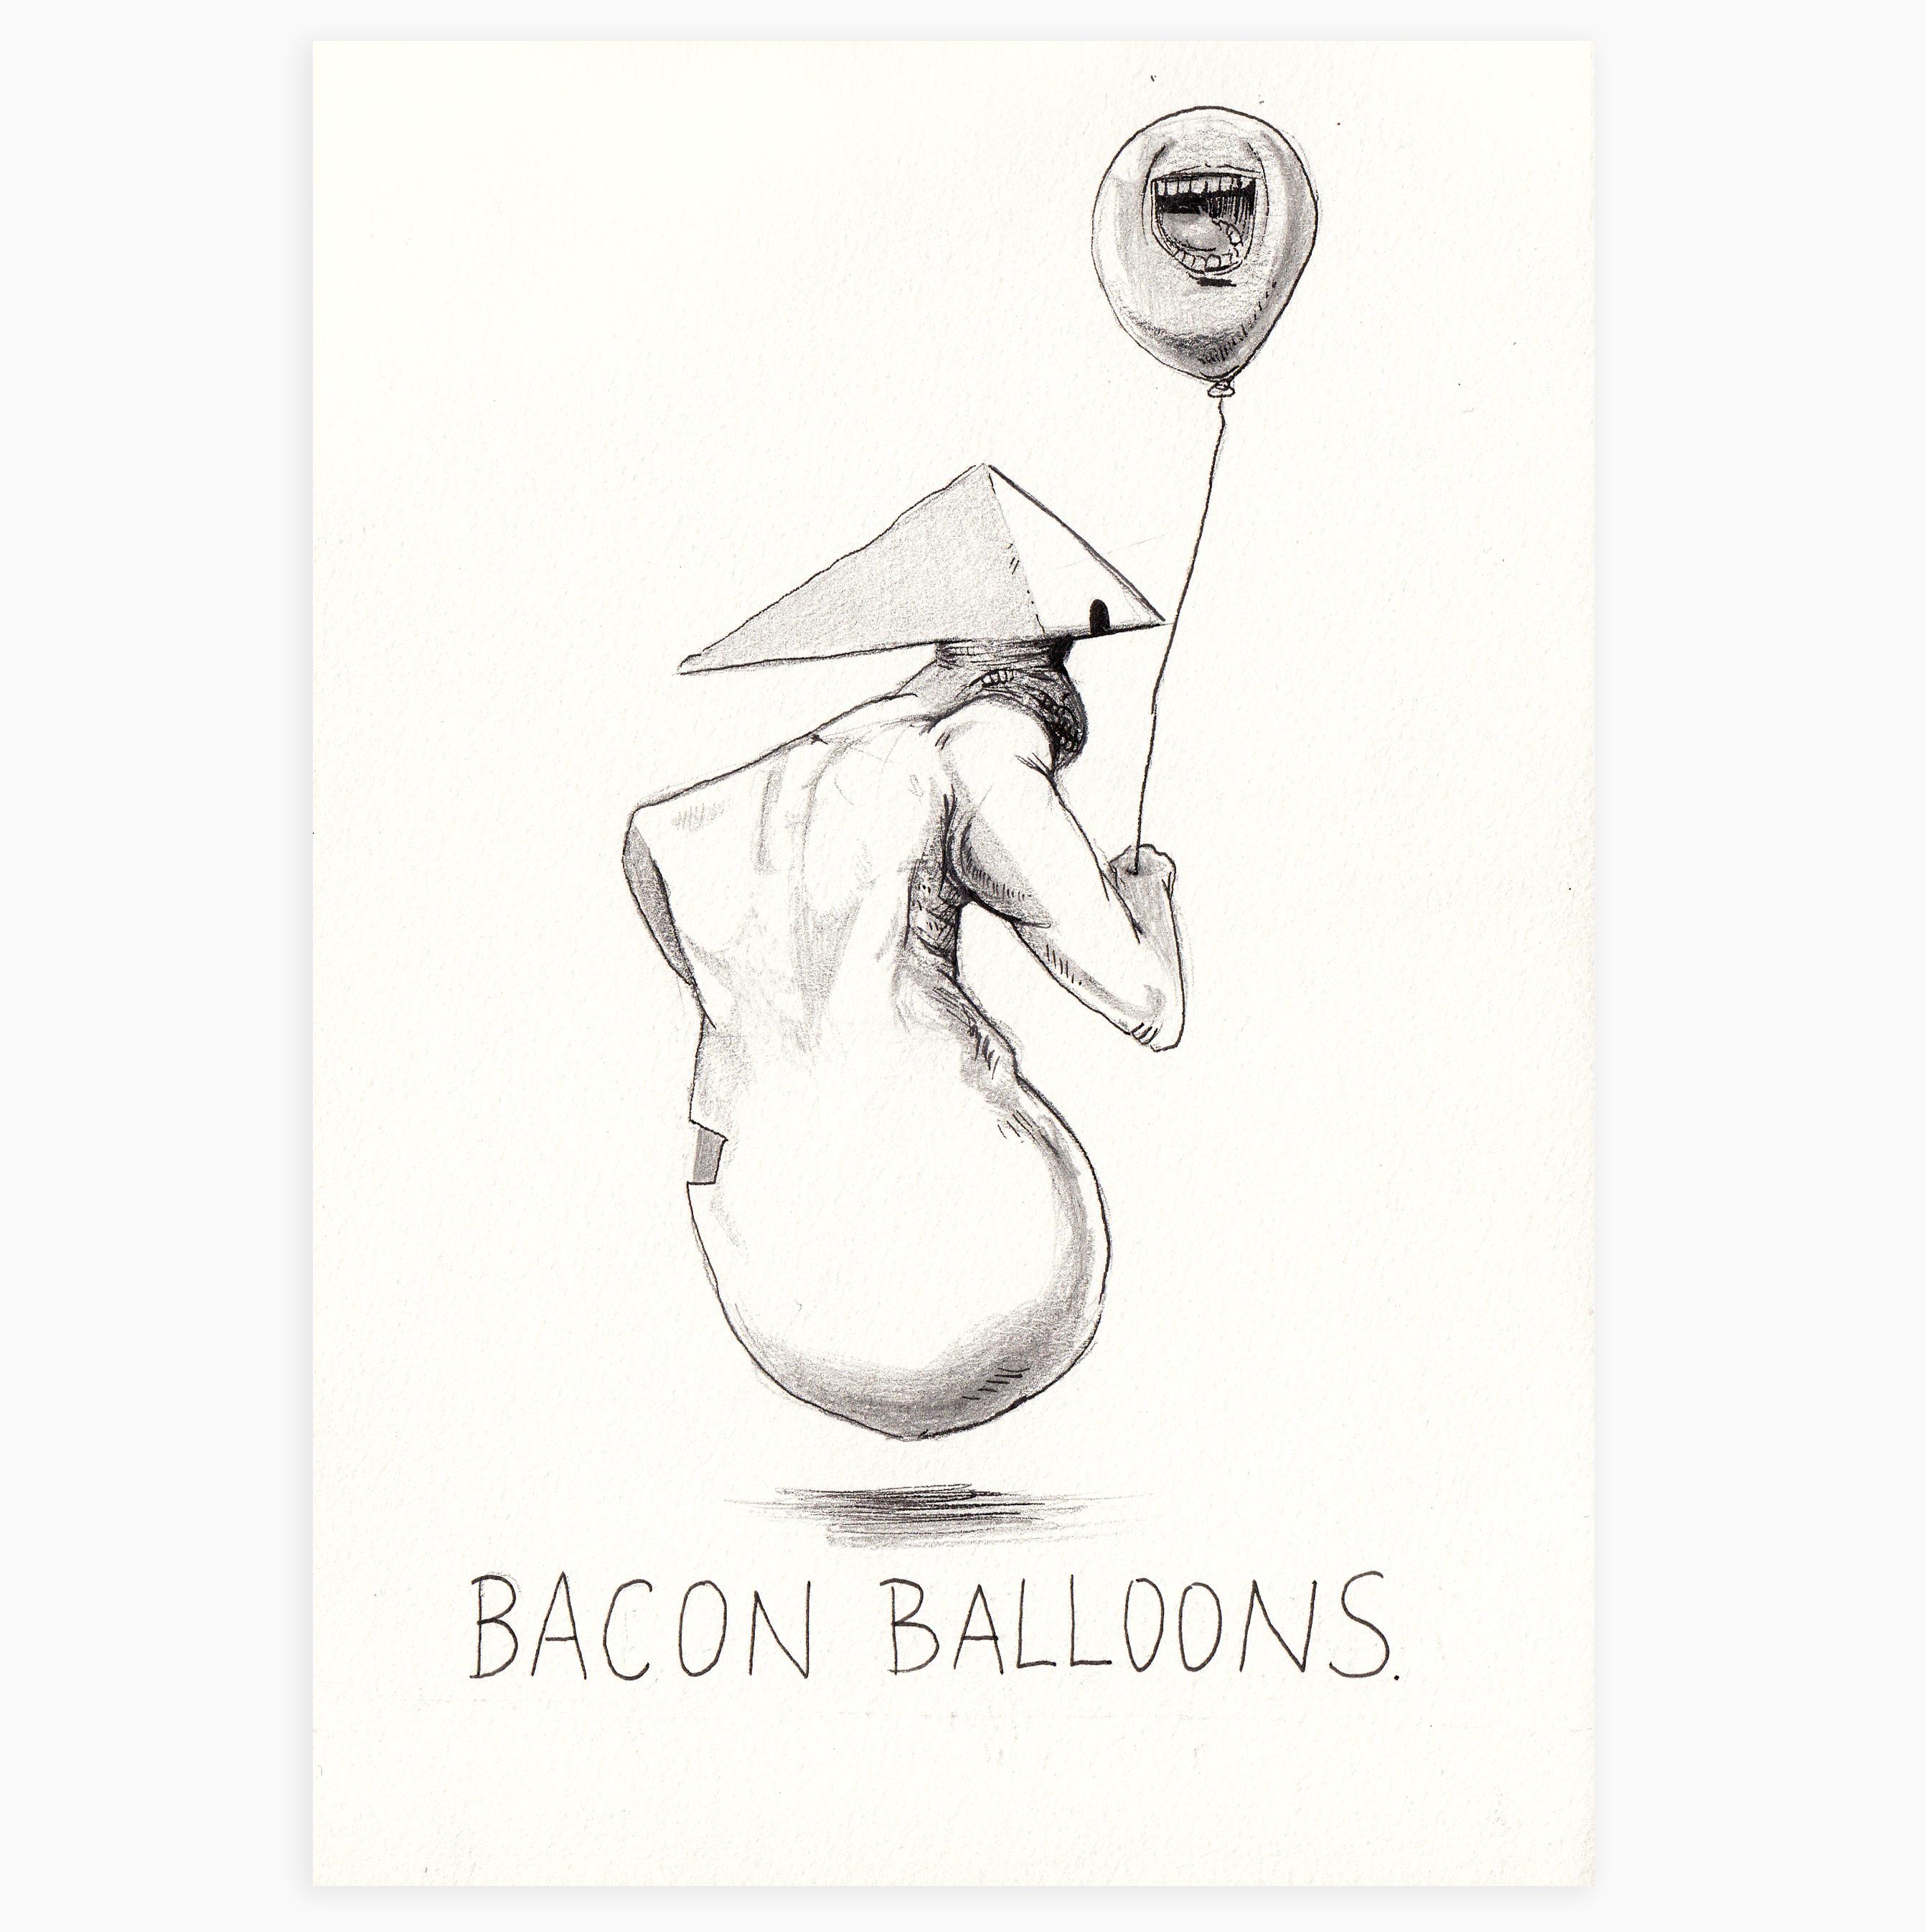 bacon balloons